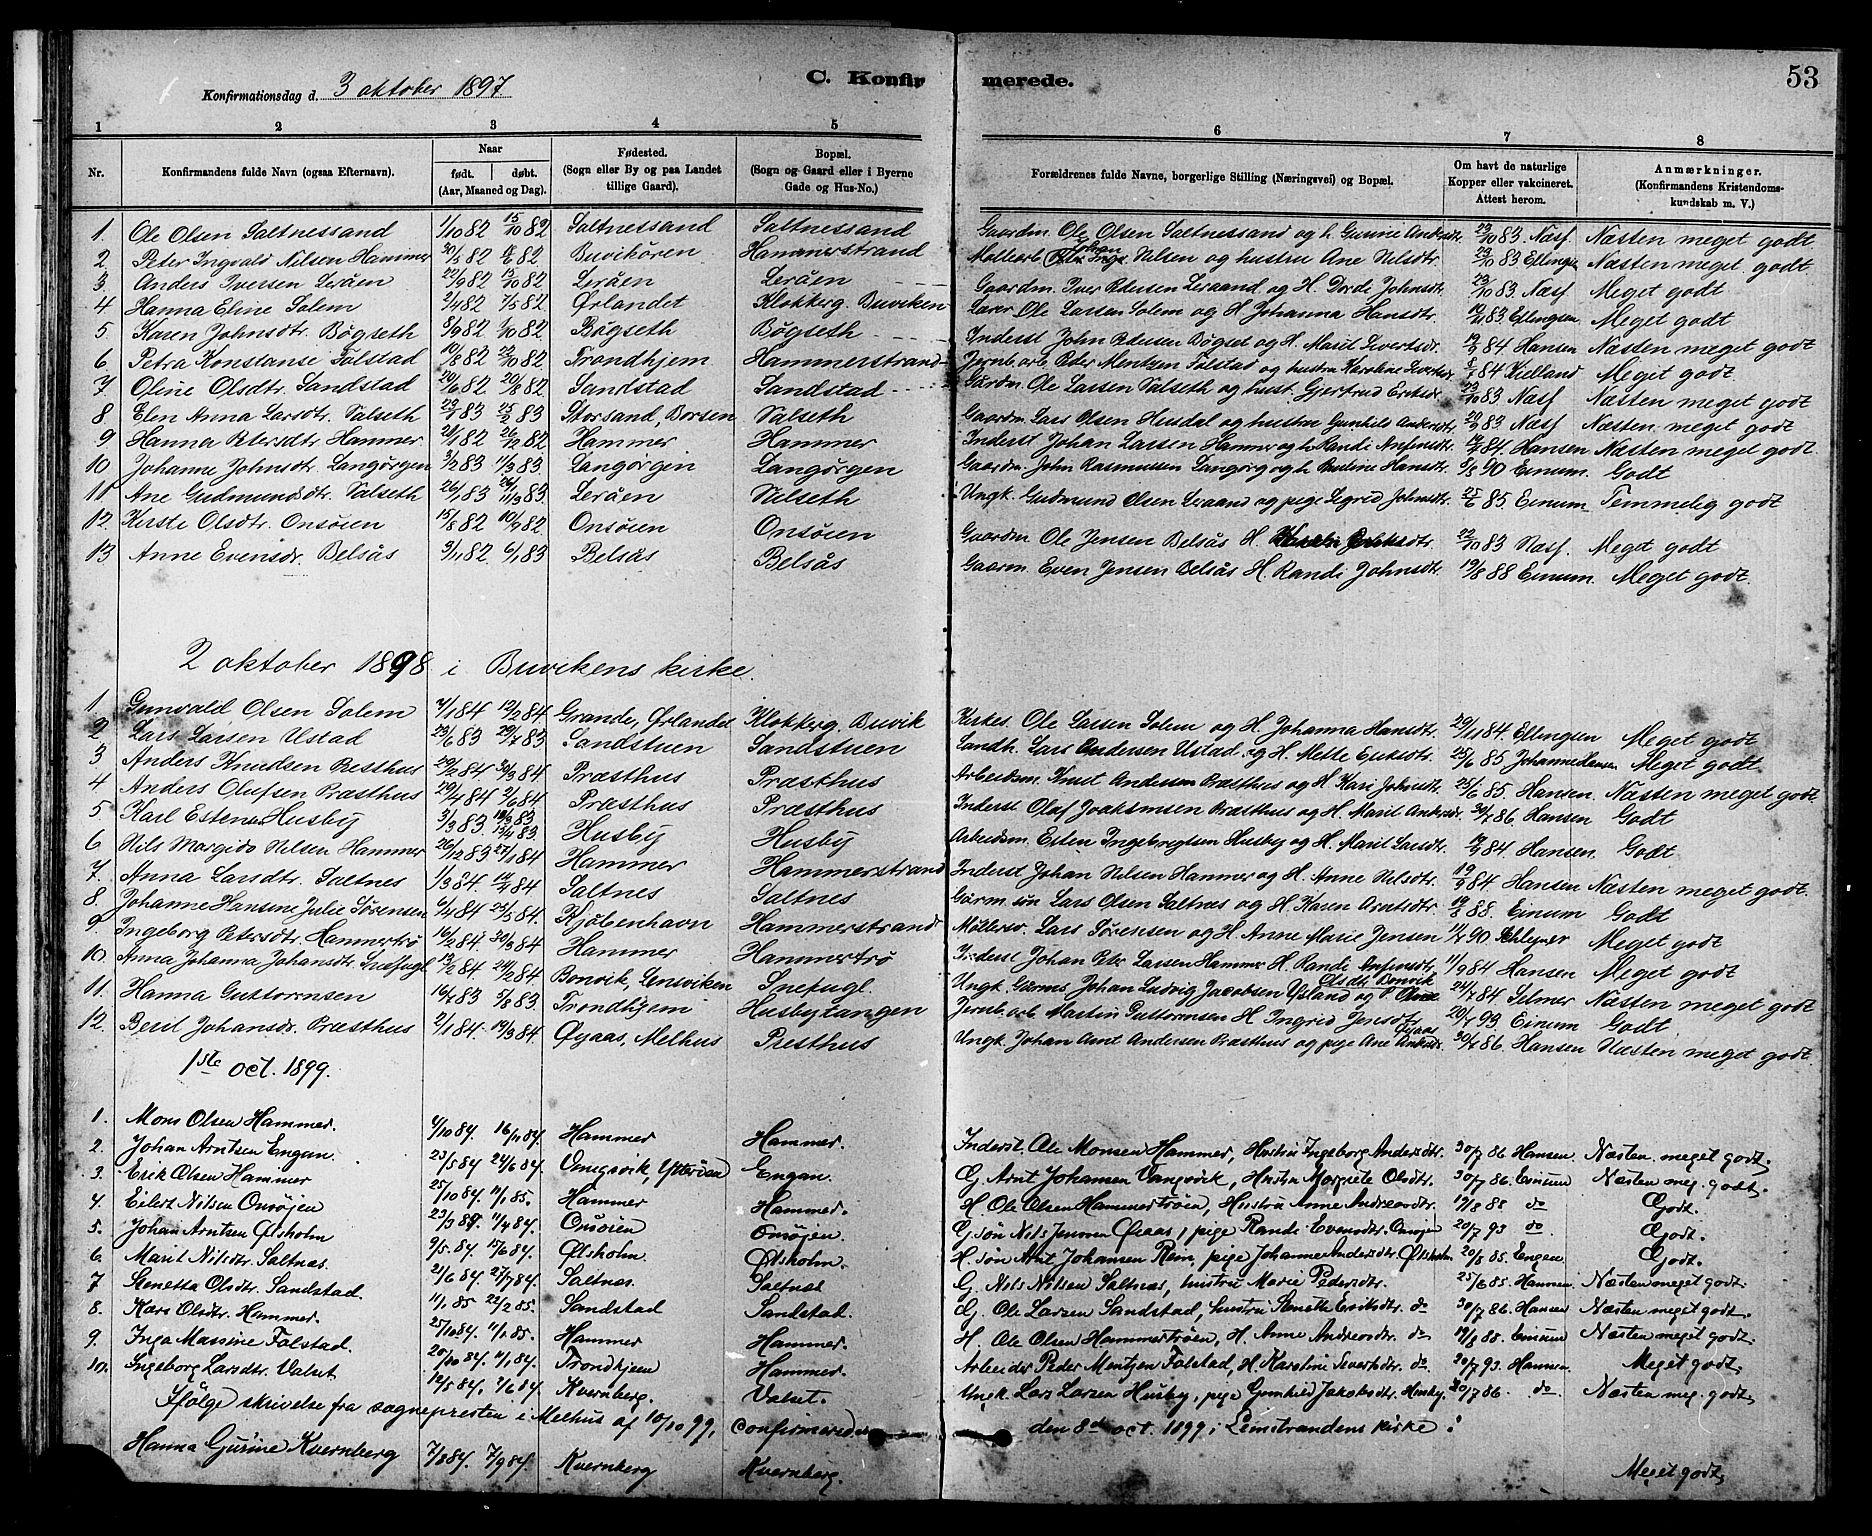 SAT, Ministerialprotokoller, klokkerbøker og fødselsregistre - Sør-Trøndelag, 666/L0790: Klokkerbok nr. 666C03, 1885-1908, s. 53